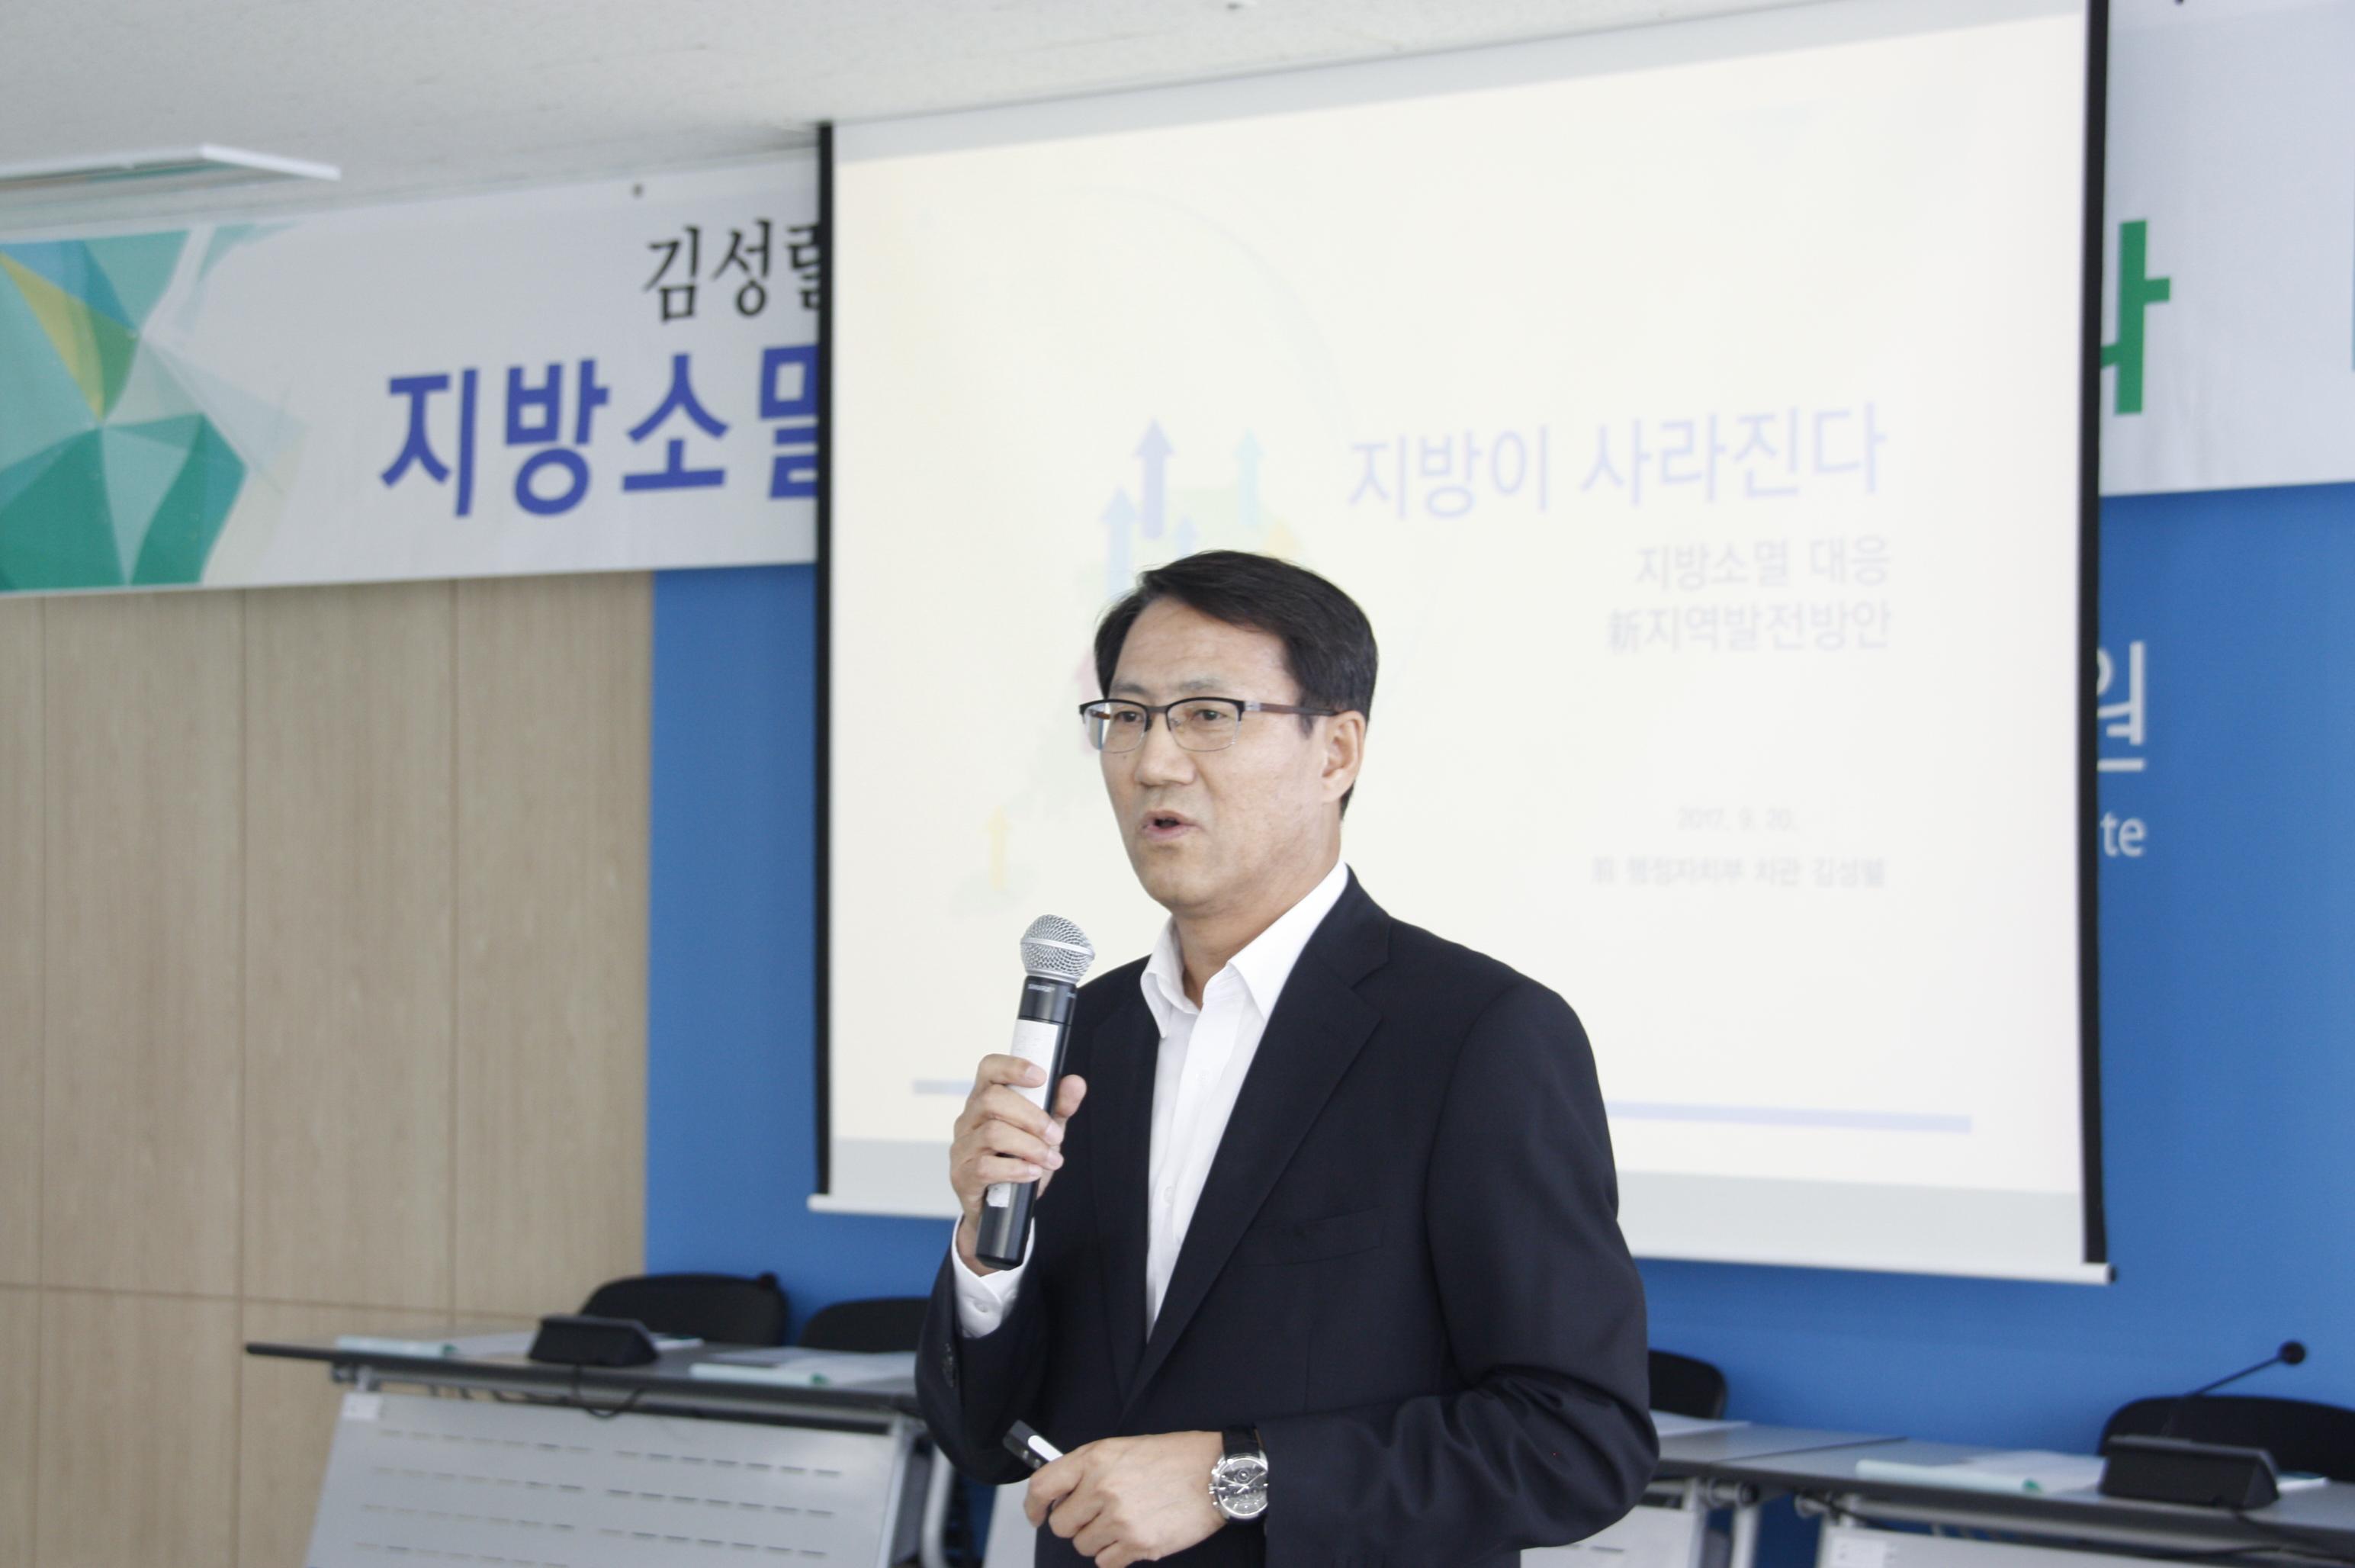 170920_지방 소멸 세미나_김성렬 차관.jpg